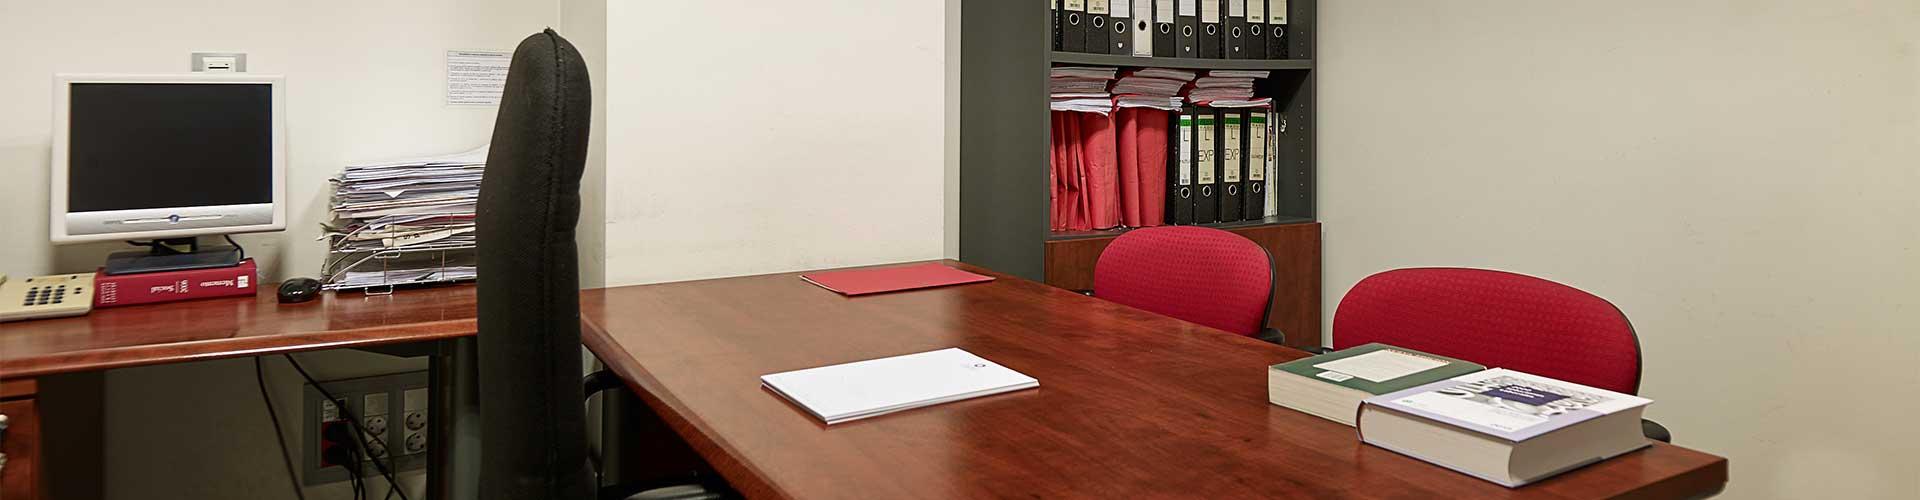 Oficinas de Crespo Consulting